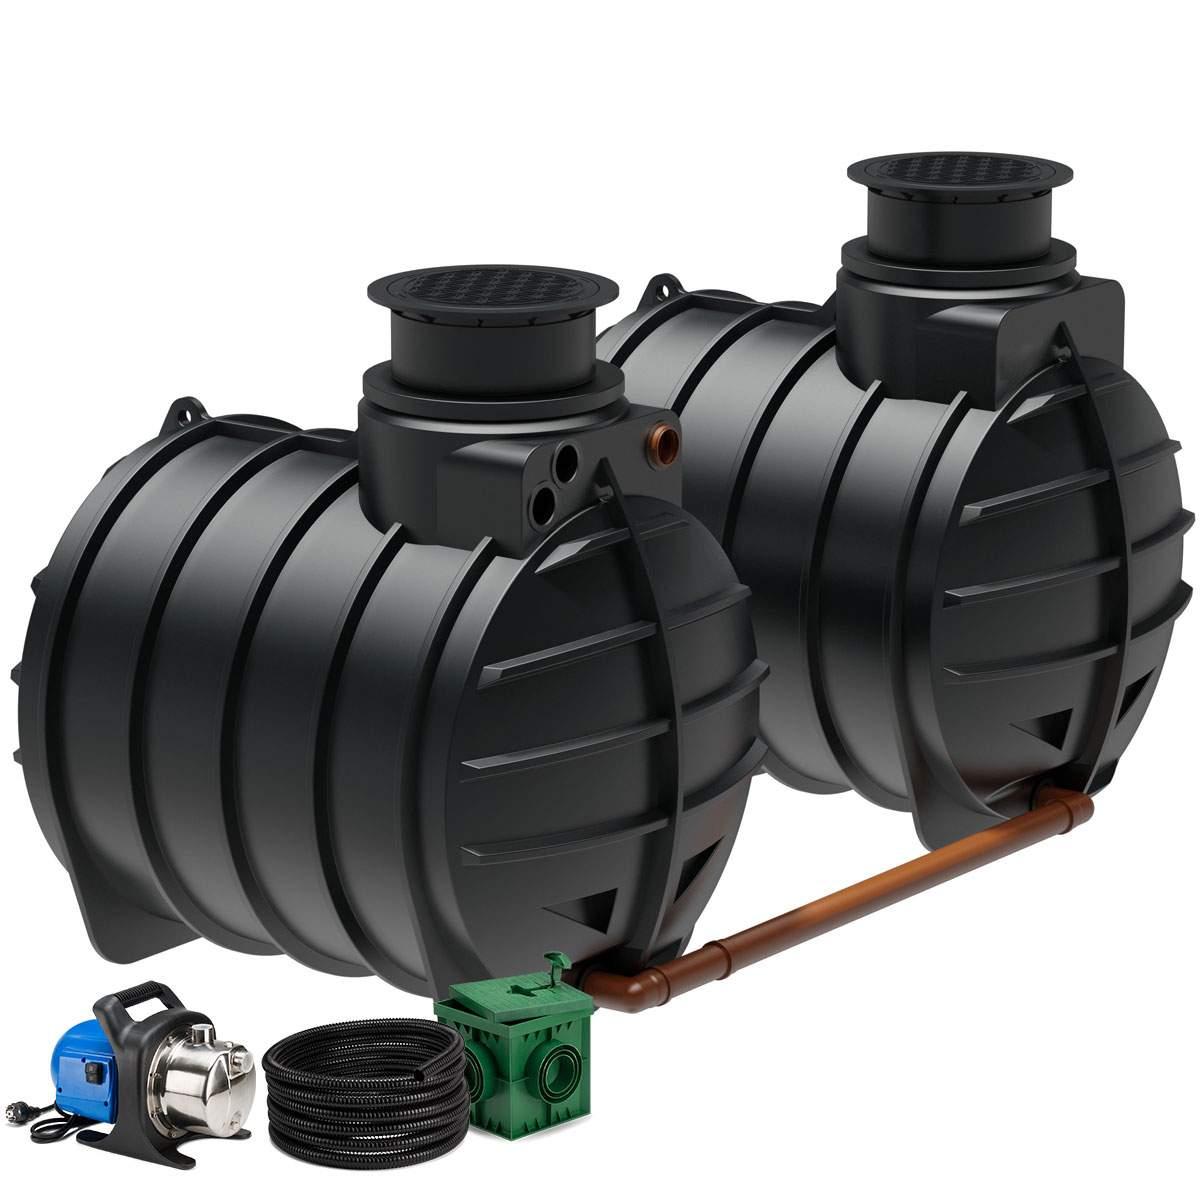 pumpe garten neu regenwasseranlage aqa line 8900 liter garten of pumpe garten